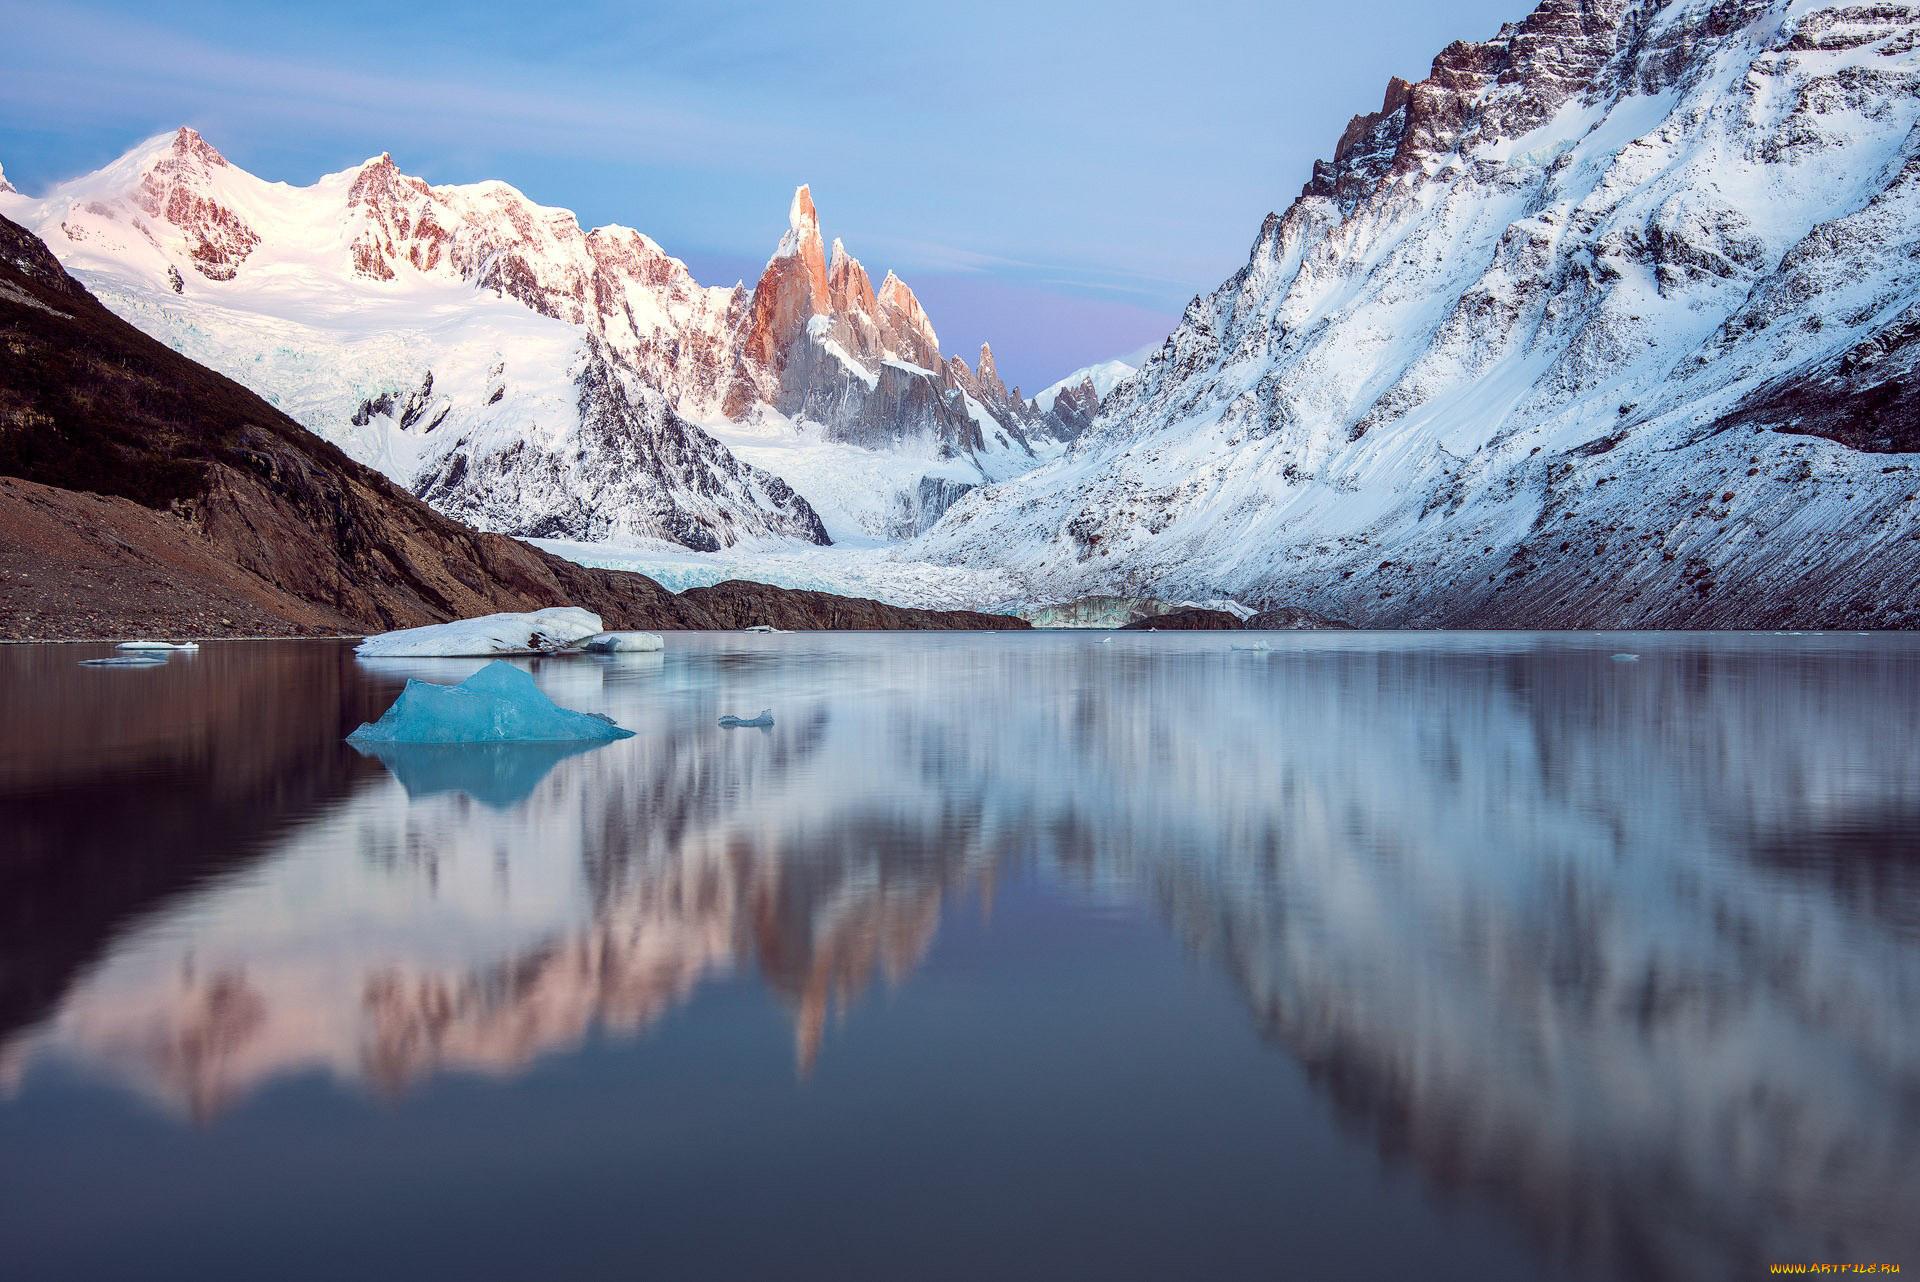 озеро горы снег  № 2476813 без смс